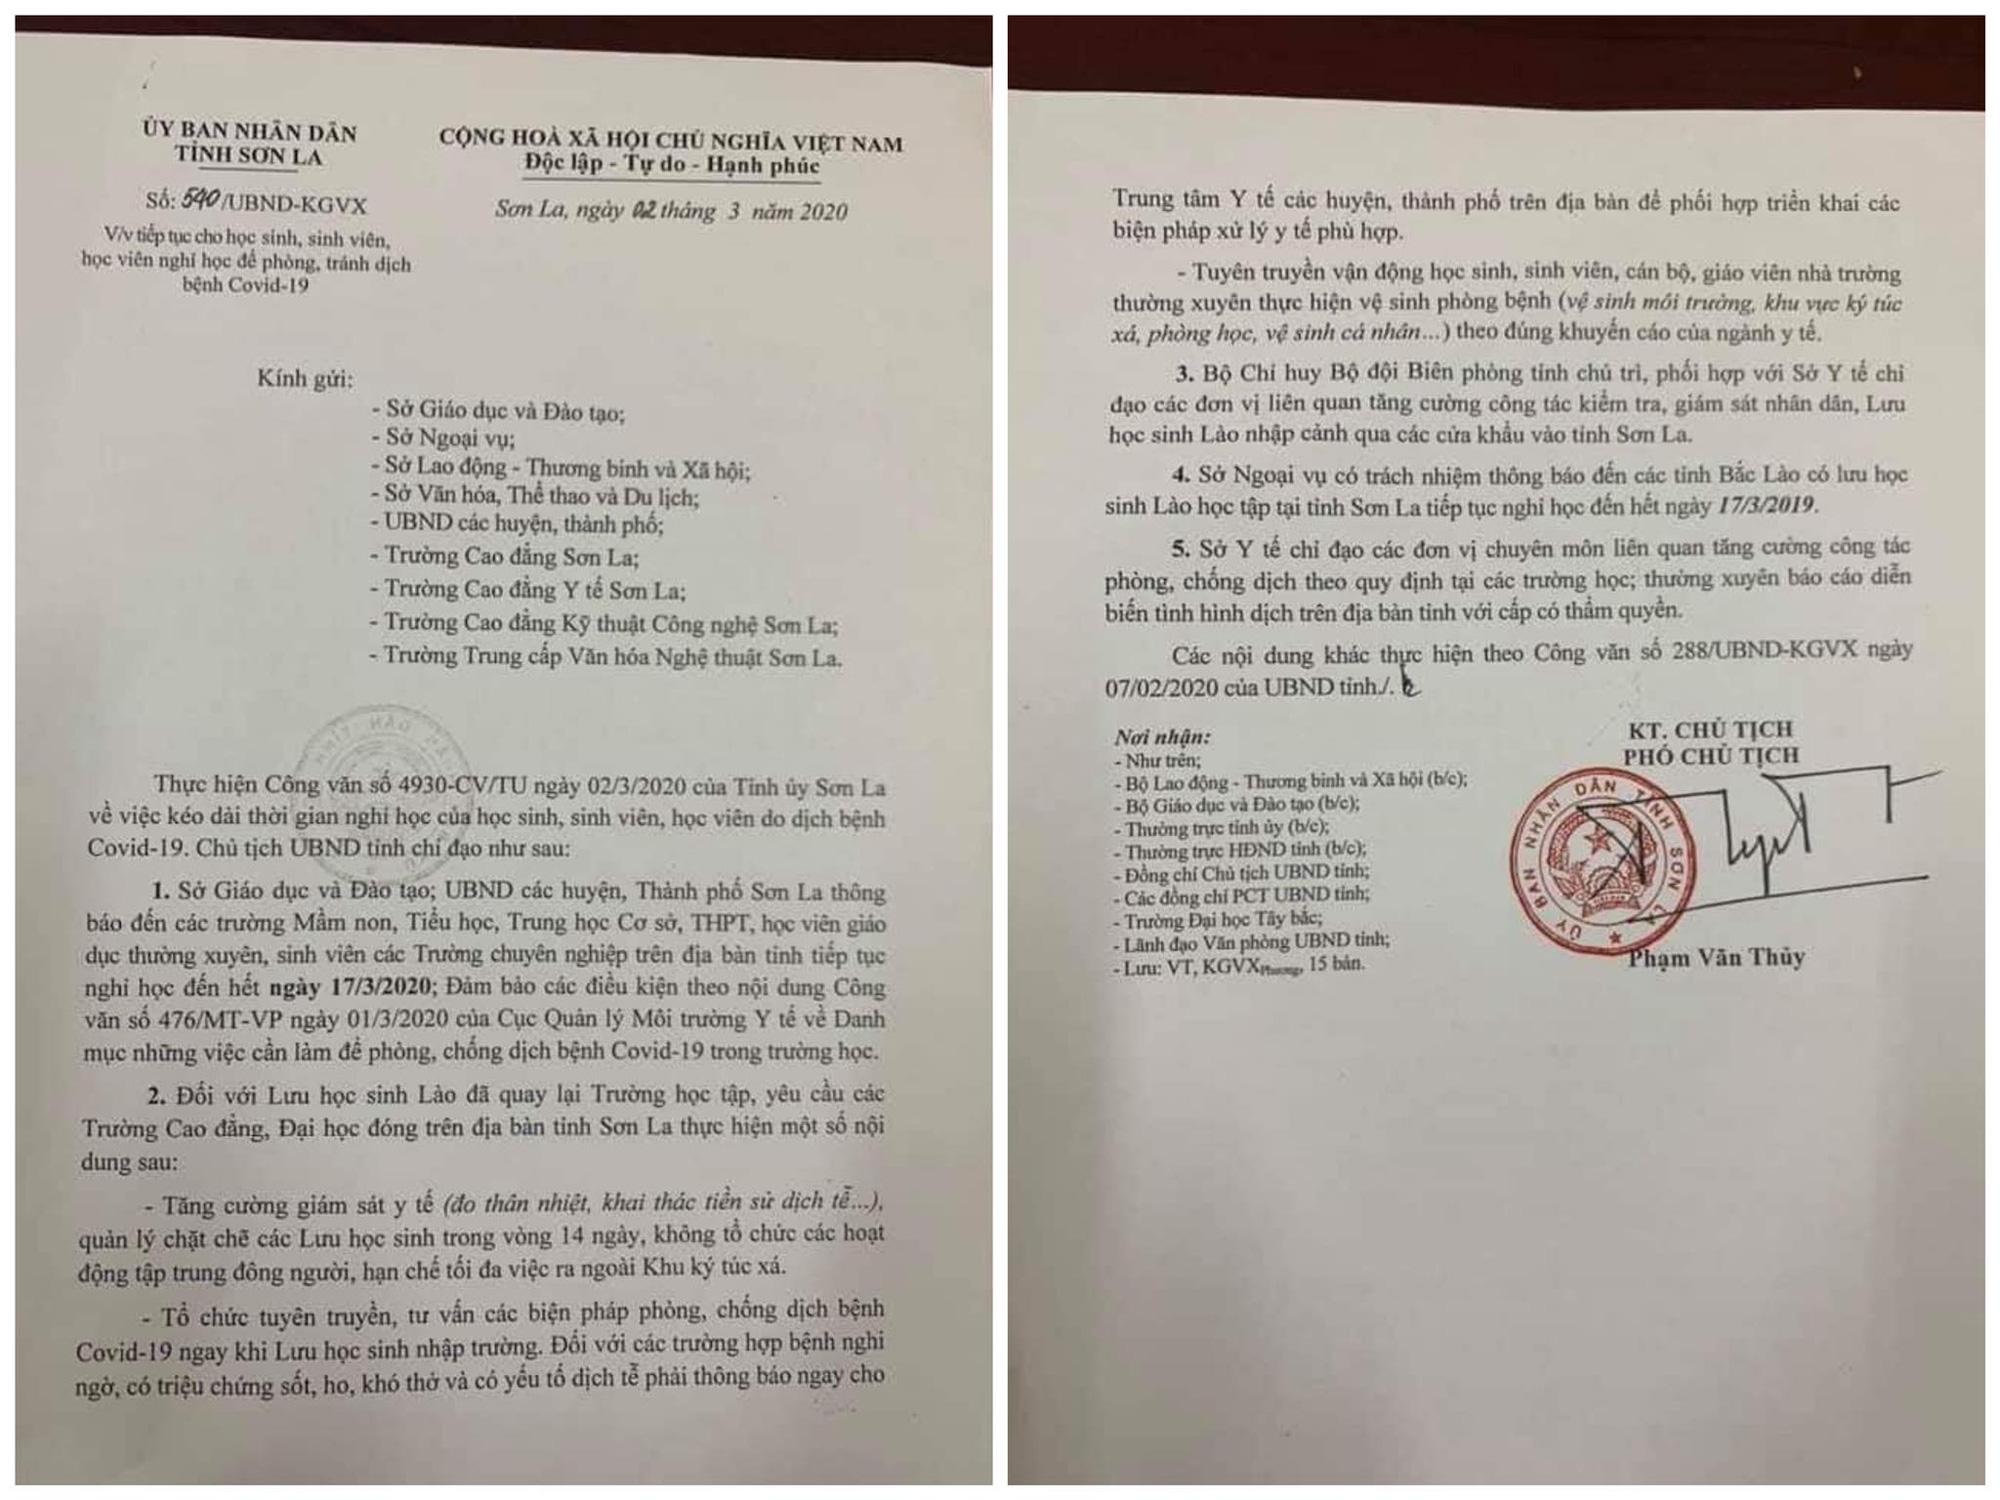 Văn bản thông báo tiếp tục nghỉ học của UBND tỉnh Sơn La. (Ảnh qua tuoitre)